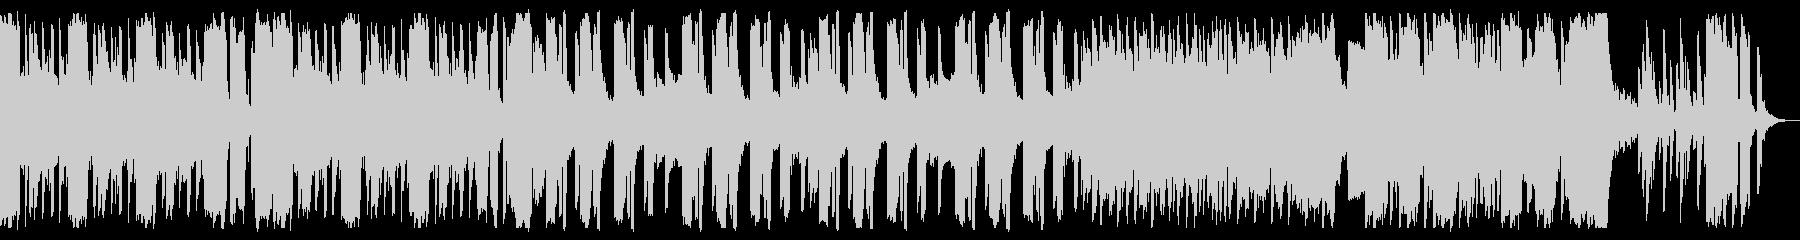 ミドルテンポで暗いハロウィン曲の未再生の波形